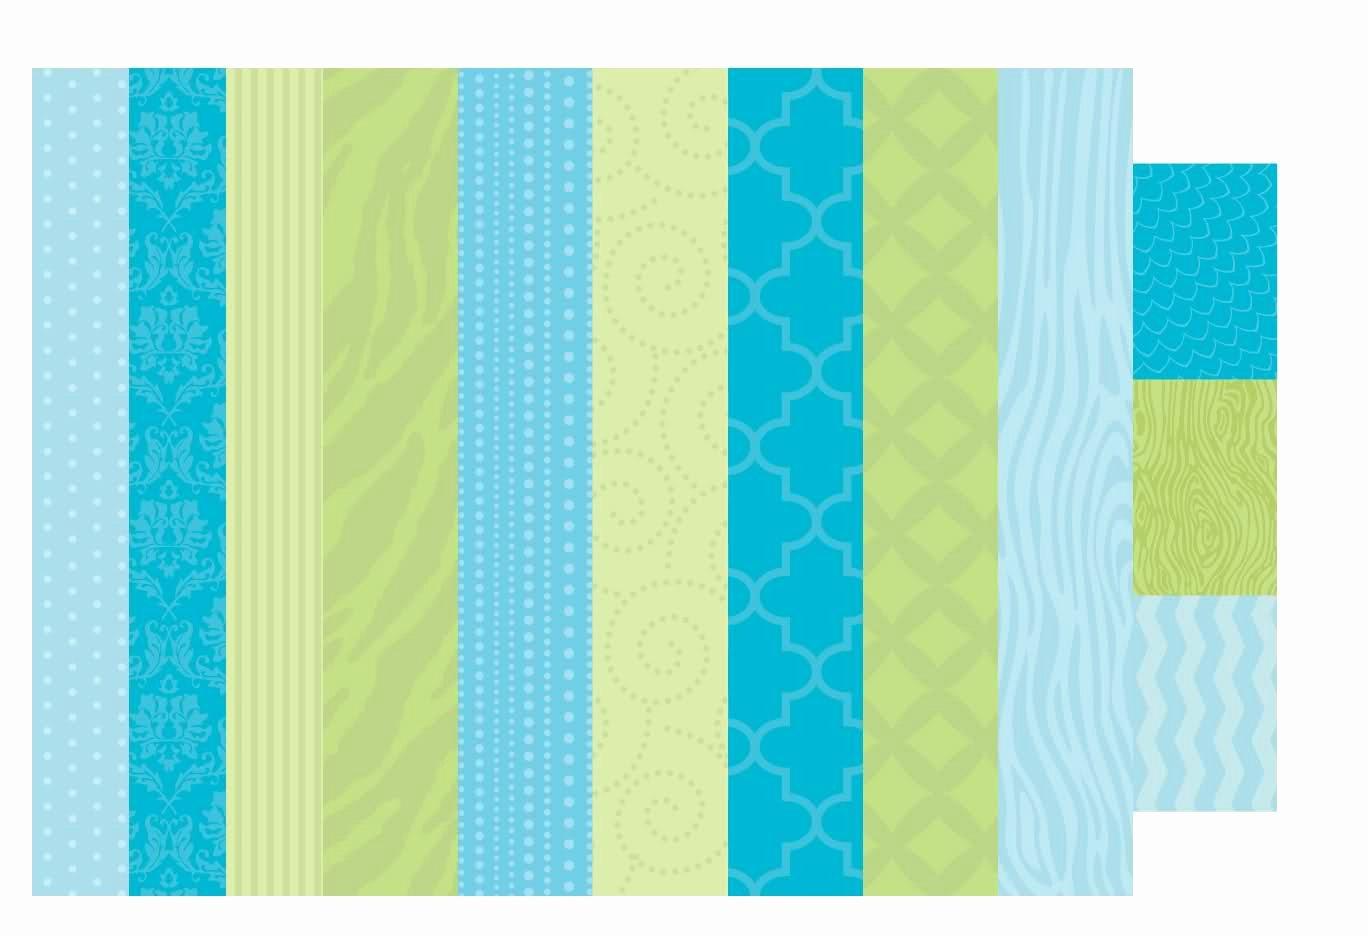 1 Binder Spine Template Lovely Printable Binder Templates for Your Binder Filing System